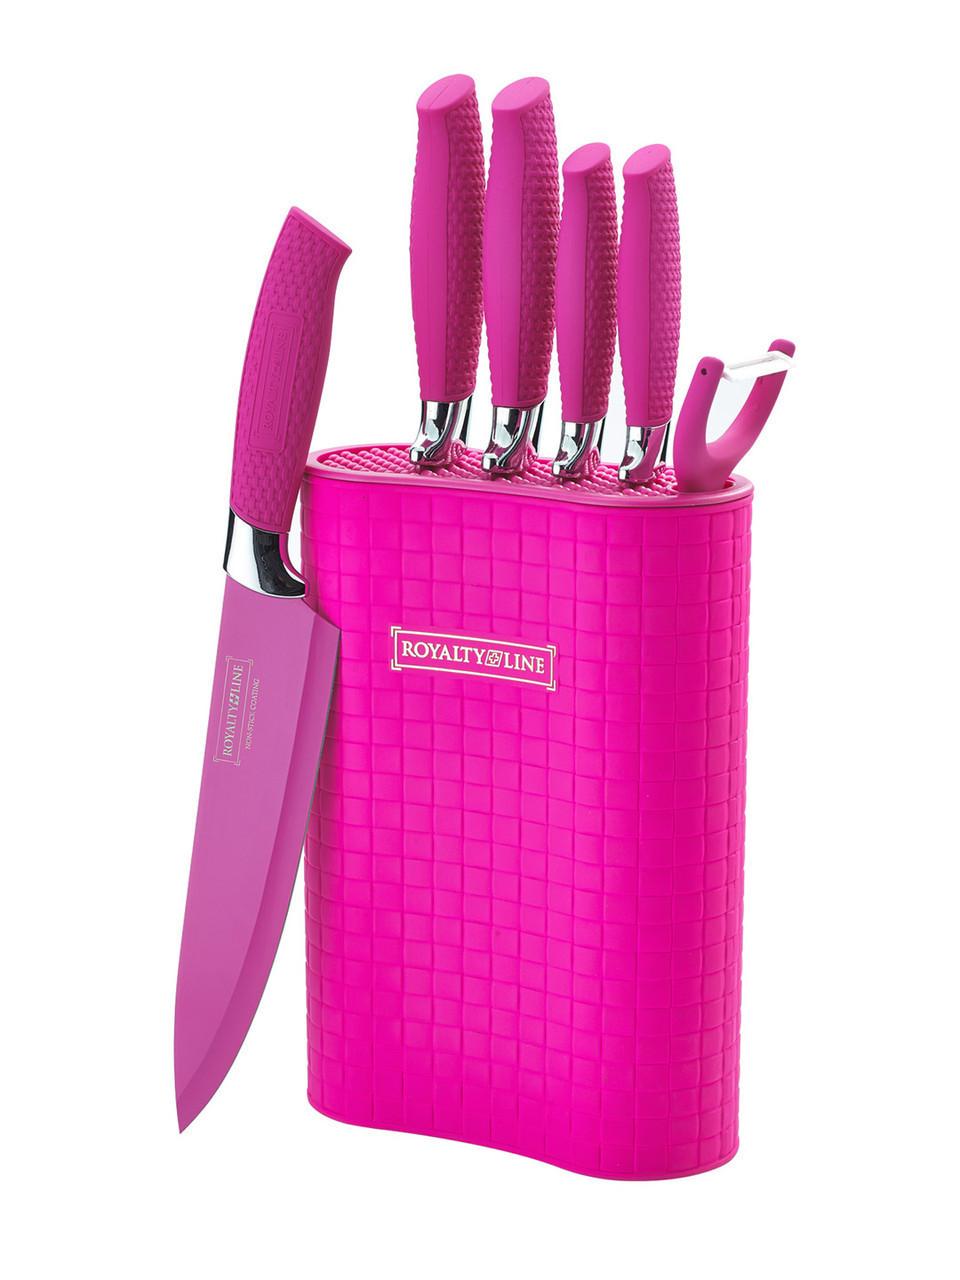 Стильный розовый набор ножей Royalty Line RL-6MSTR 6pcs качественный набор для кухни